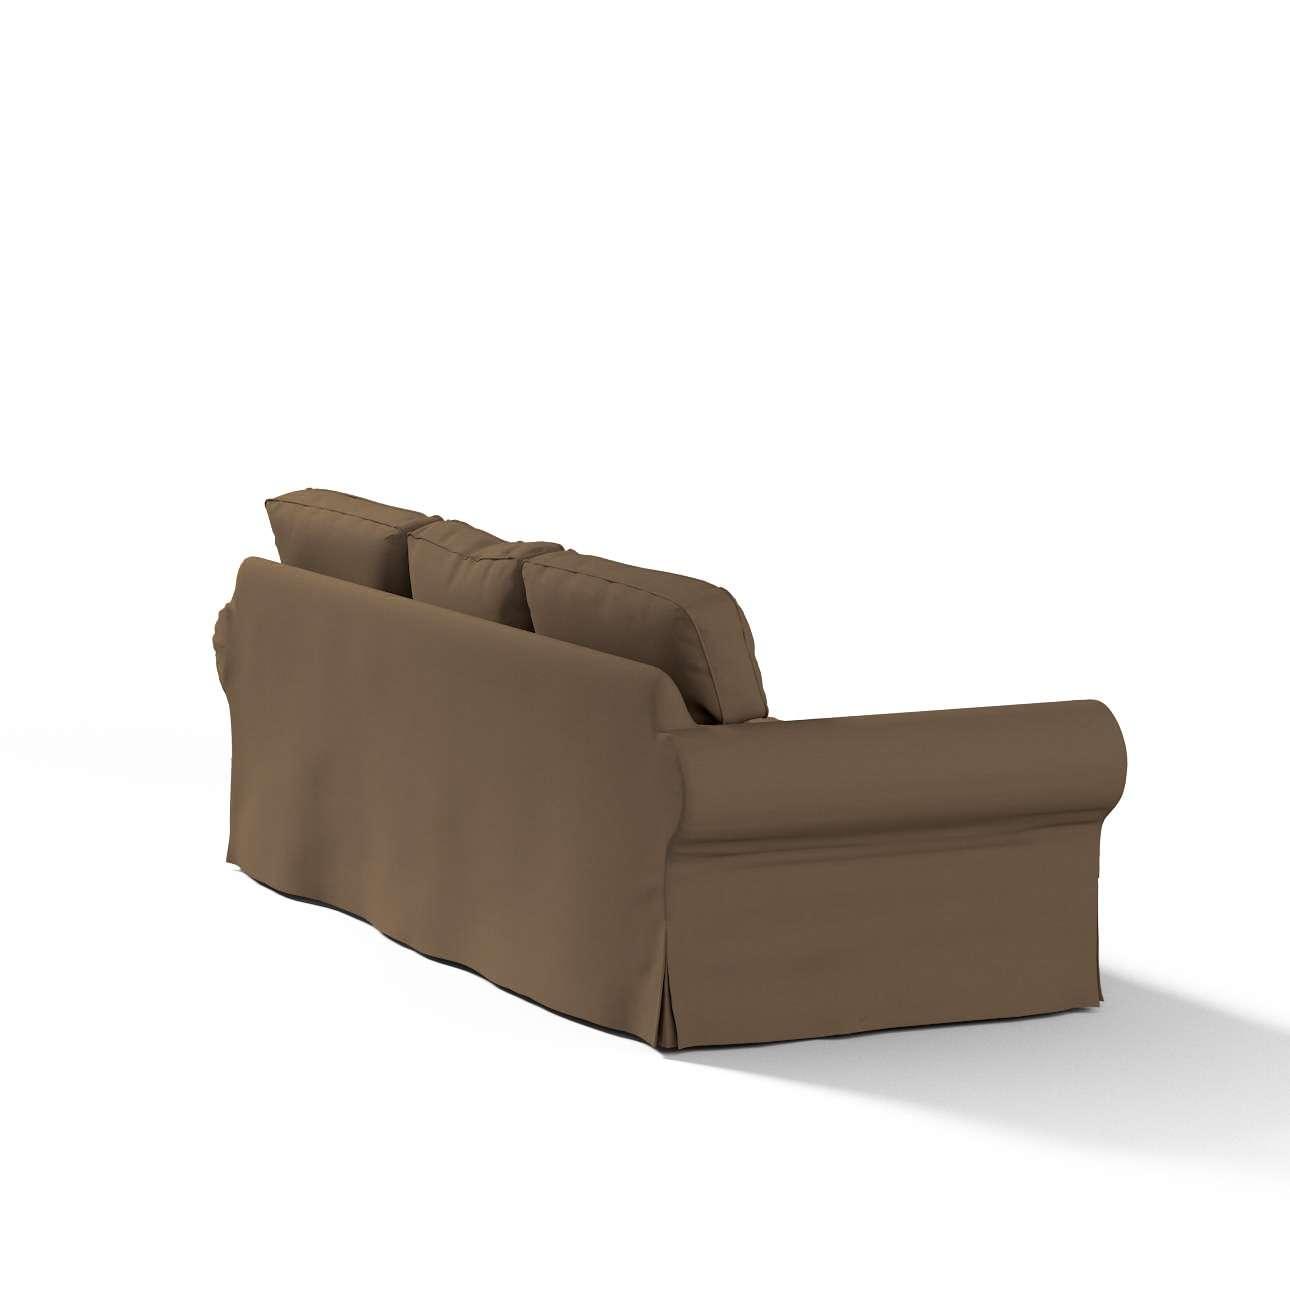 Potah na pohovku IKEA  Ektorp 3-místná, nerozkládací pohovka Ektorp 3-místná v kolekci Cotton Panama, látka: 702-02